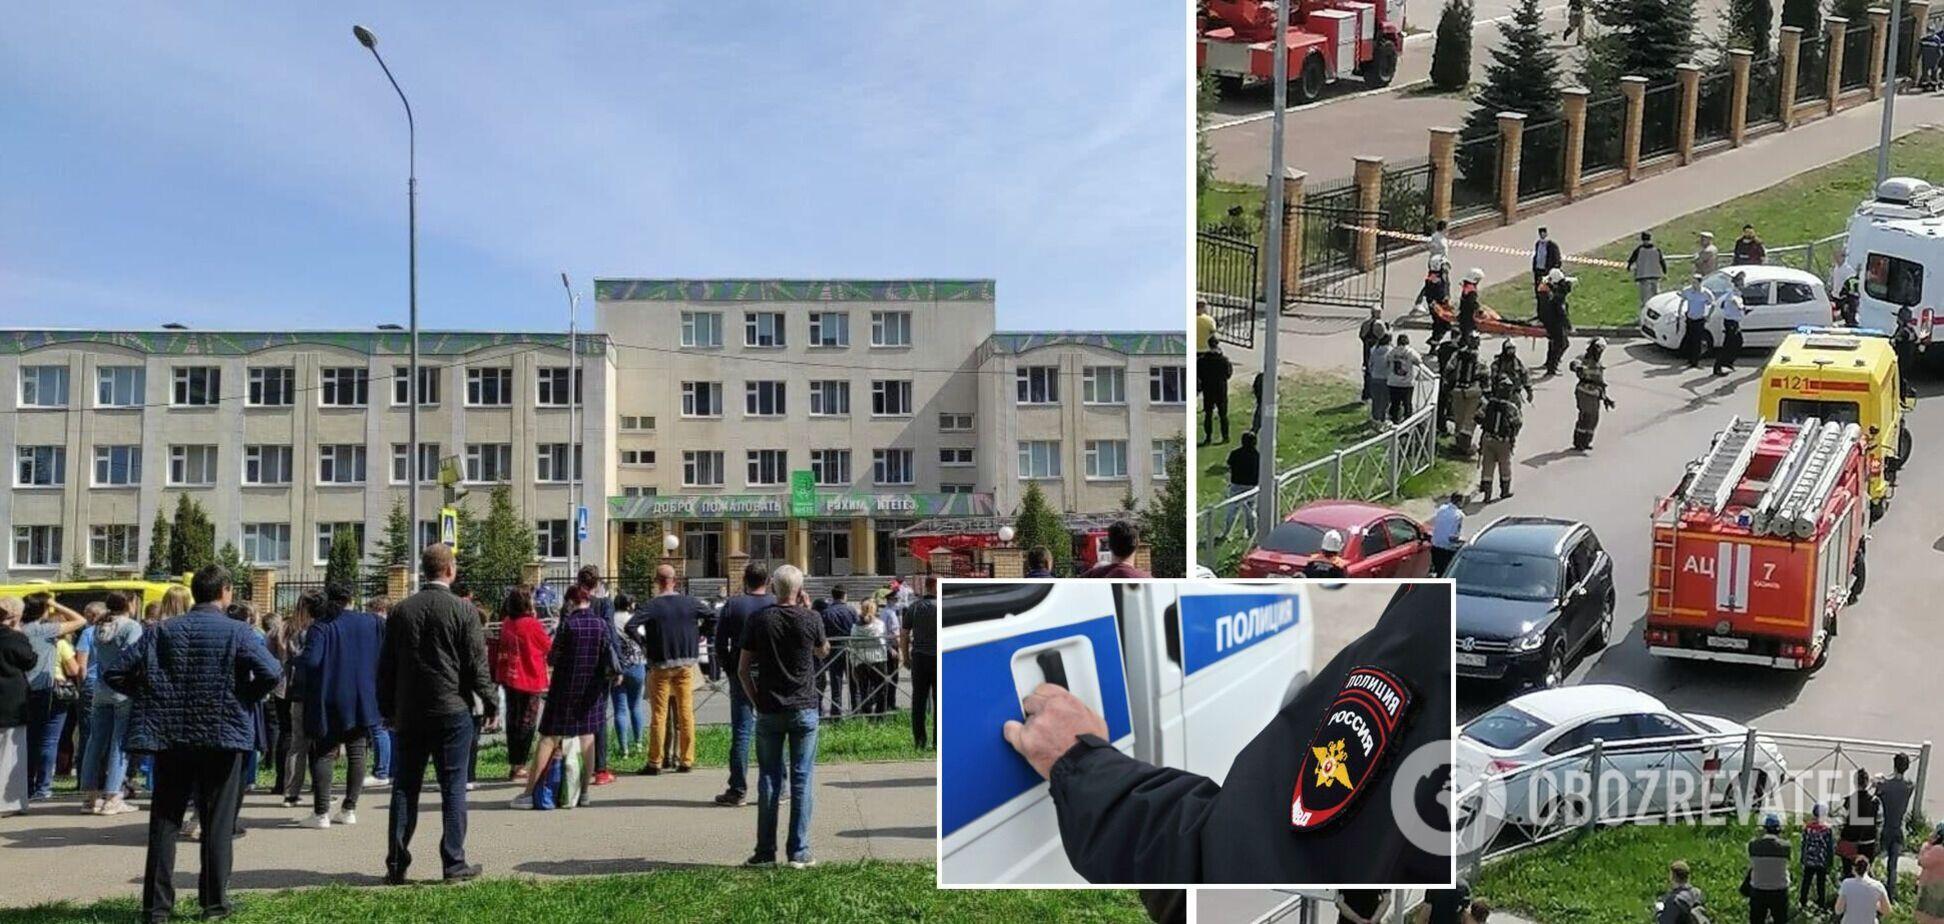 В российской Казани произошли стрельба и взрыв в школе: много жертв и раненых. Видео